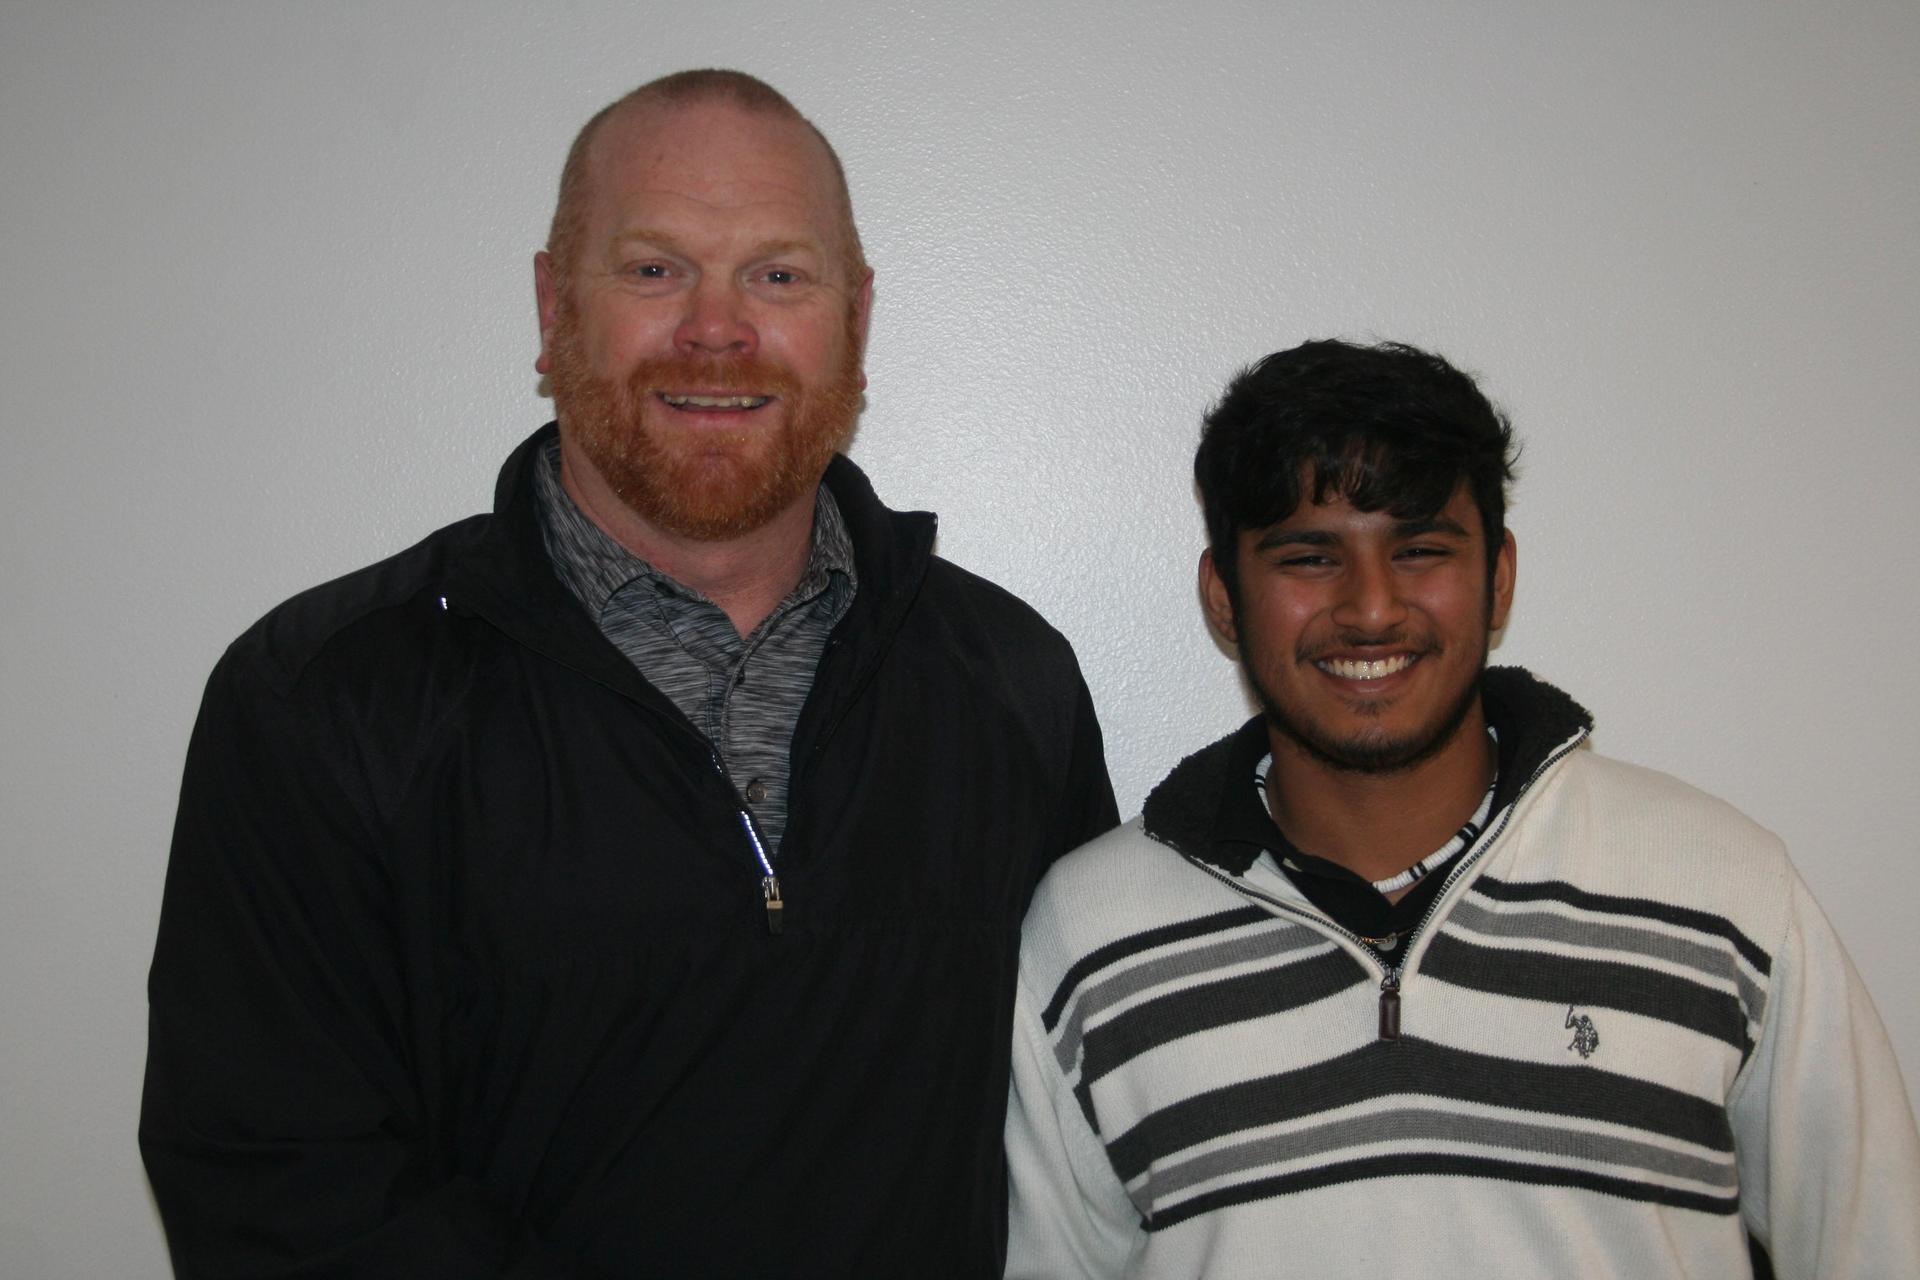 Mr. Edwards and Angel Ochoa